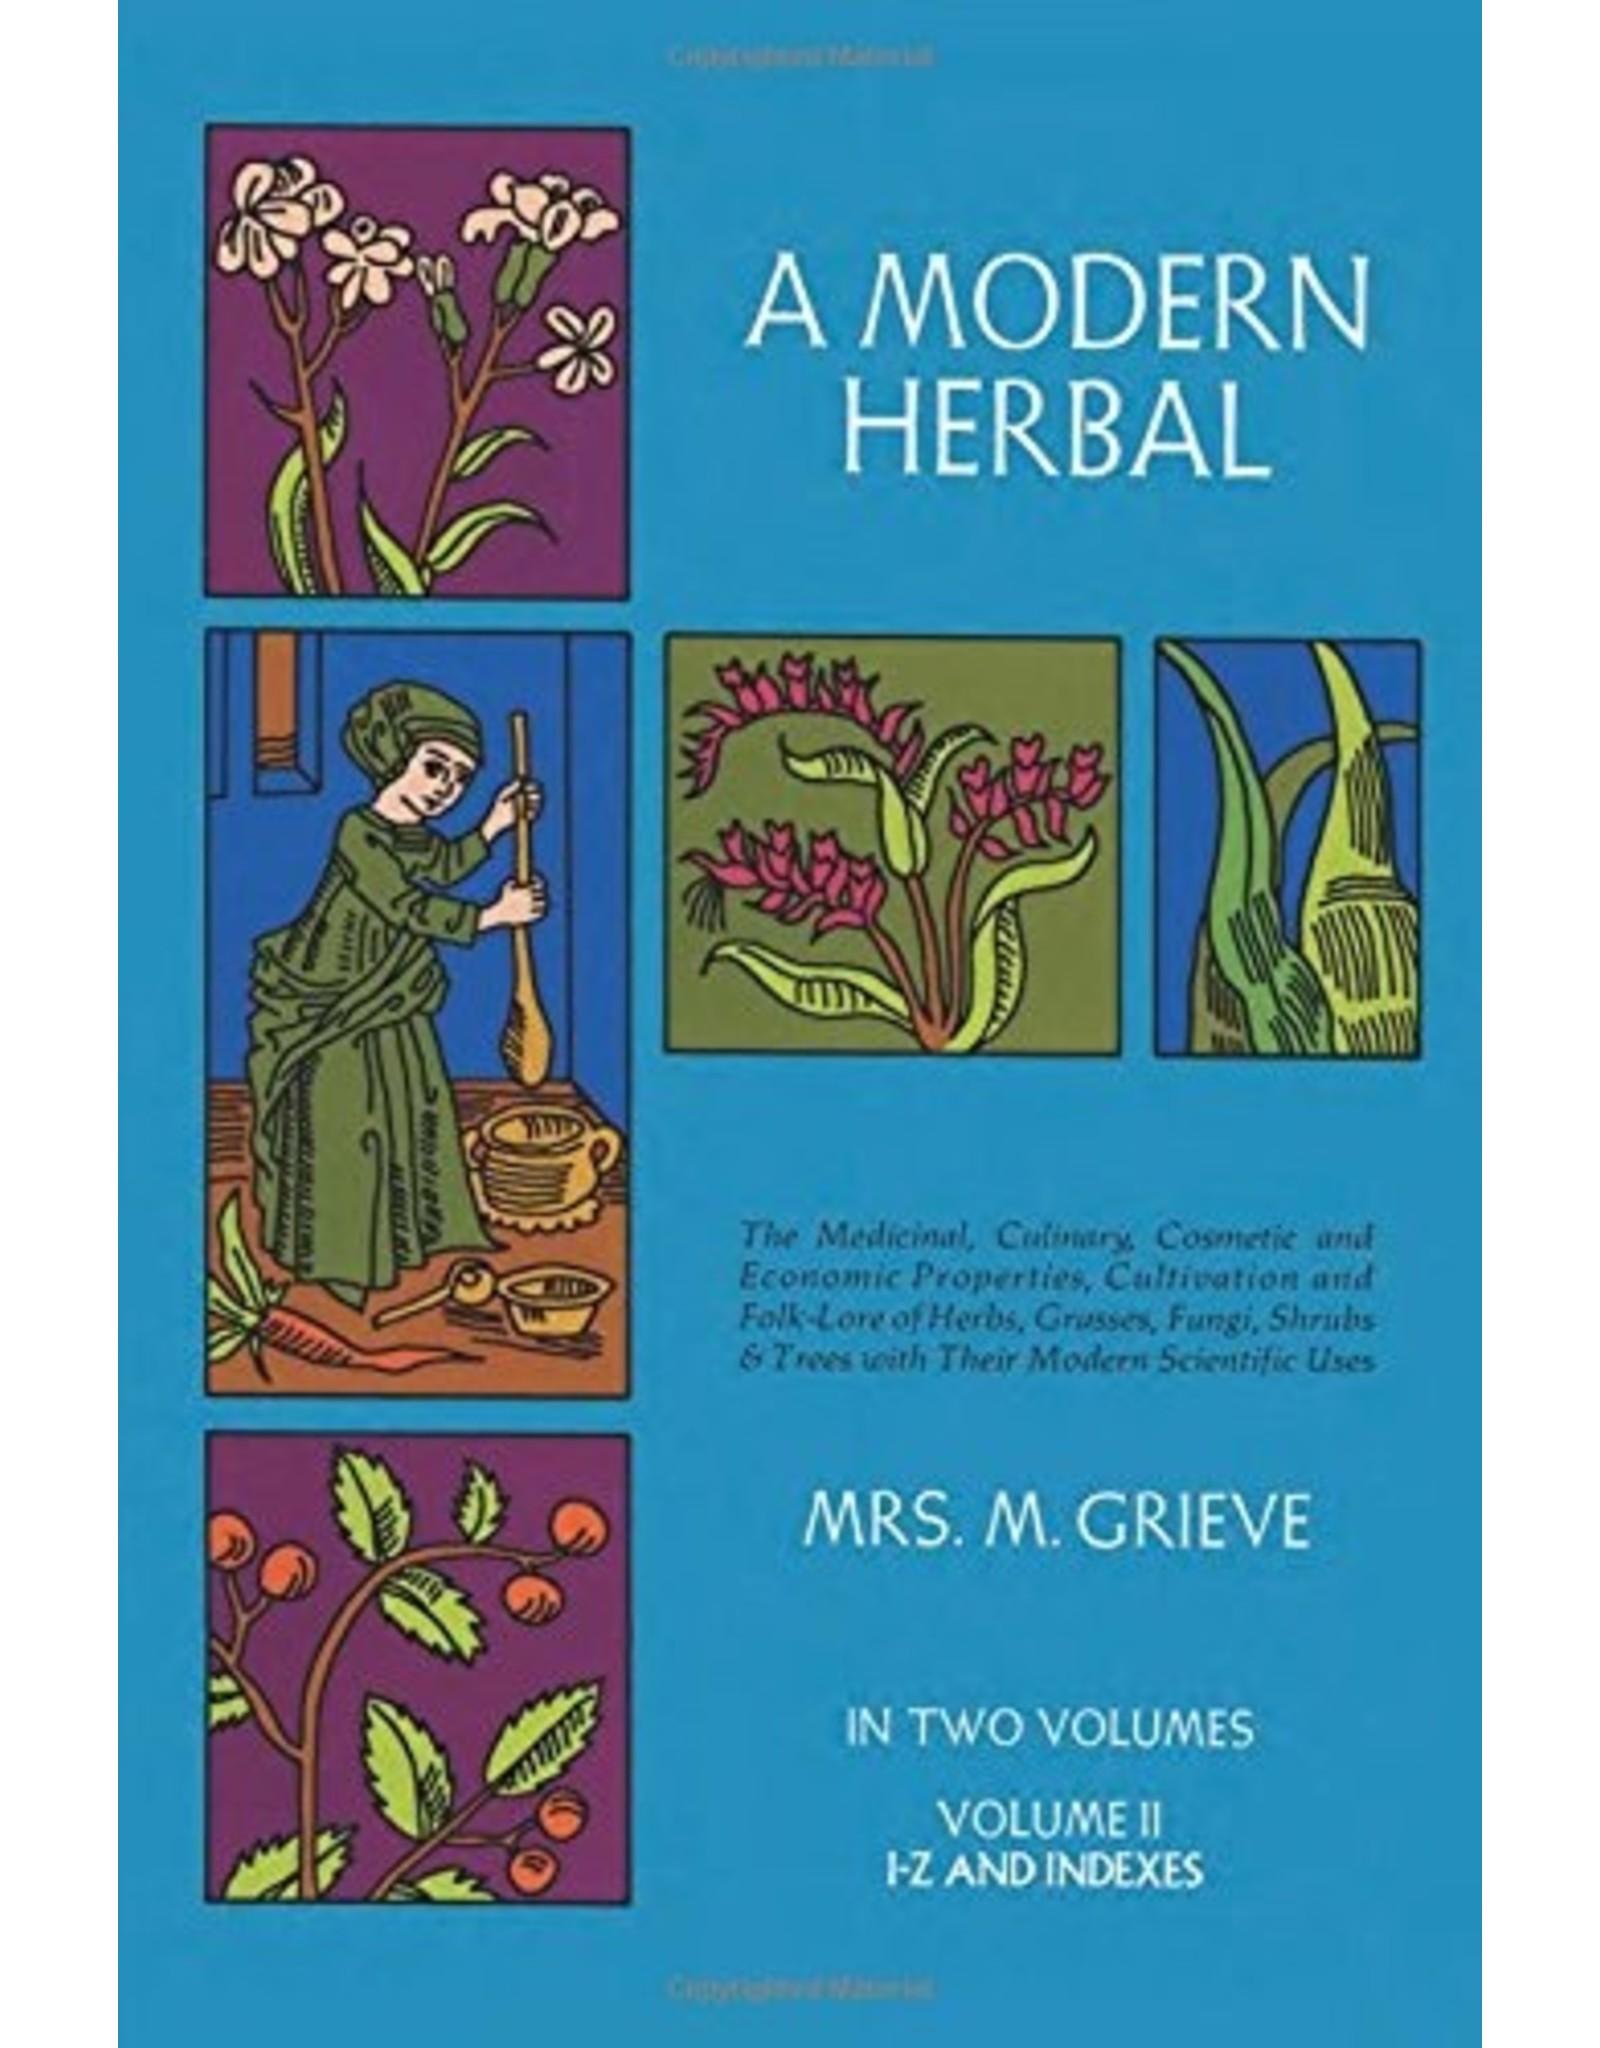 A Modern Herbal Volume II